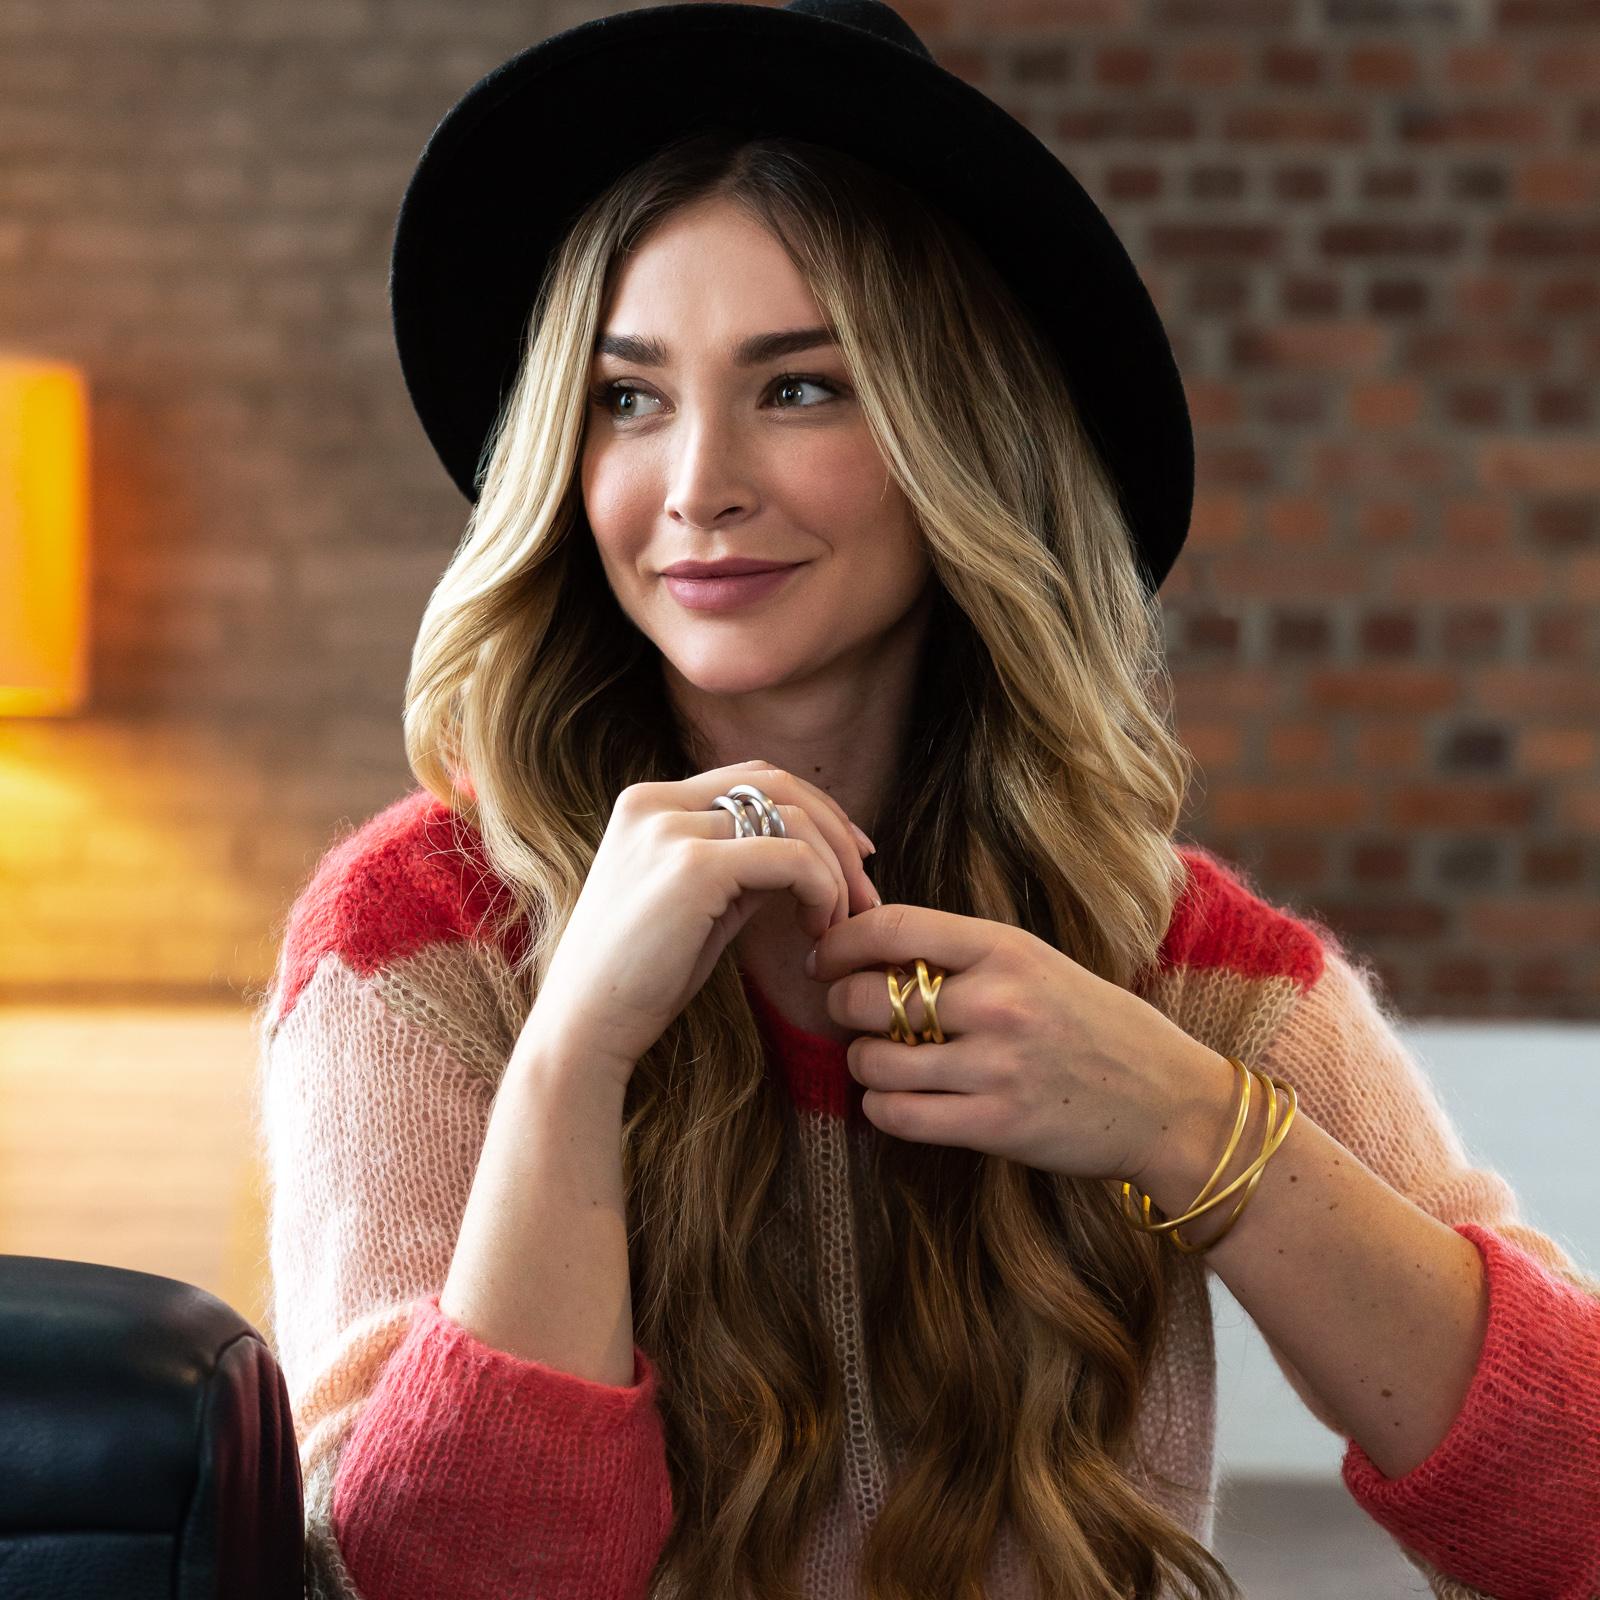 Eine Frau sitzt auf einem Sessel und schaut zur Seite. Sie trägt einen Hut und hält ihre Hände vor dem Körper. An beiden Händen trägt sie Schmuck.